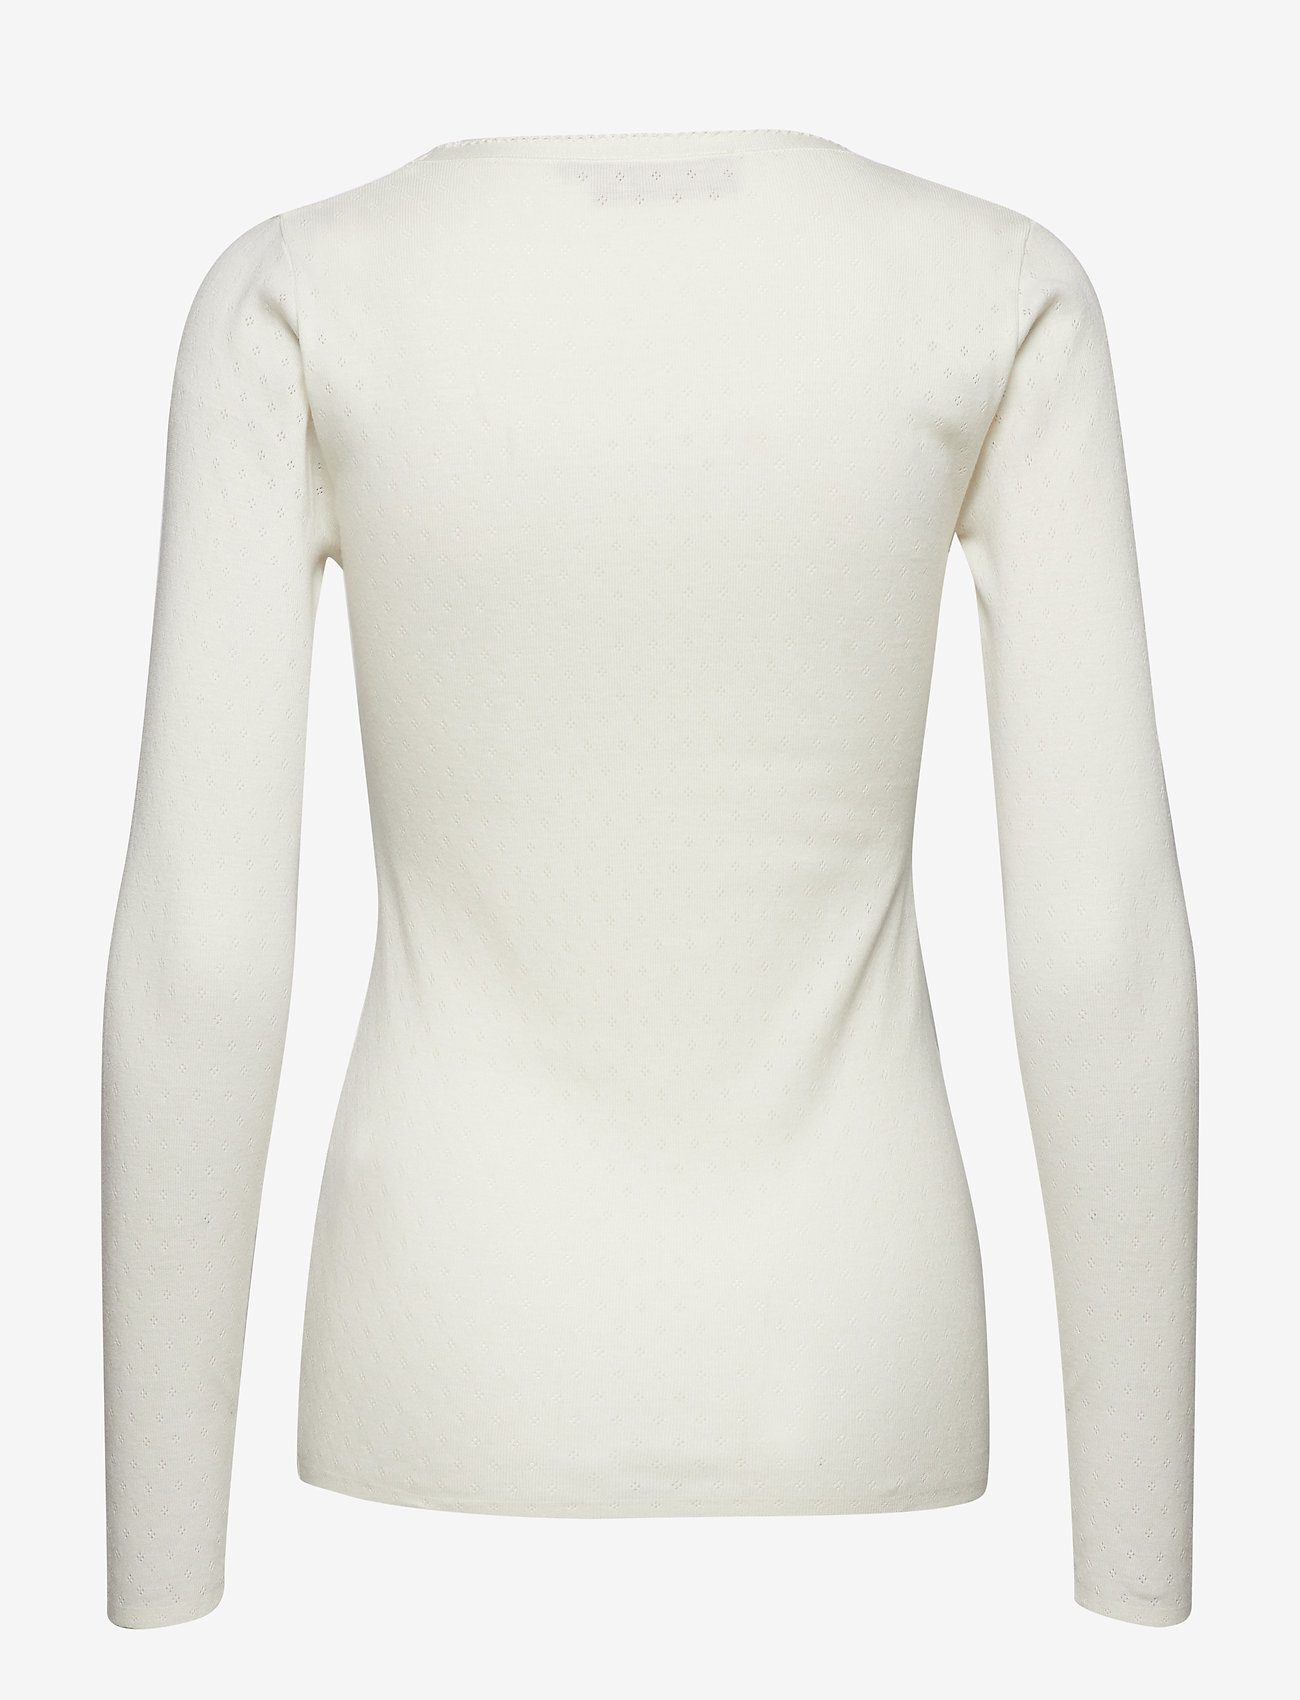 Noa Noa - T-shirt - tops met lange mouwen - cloud dancer - 1